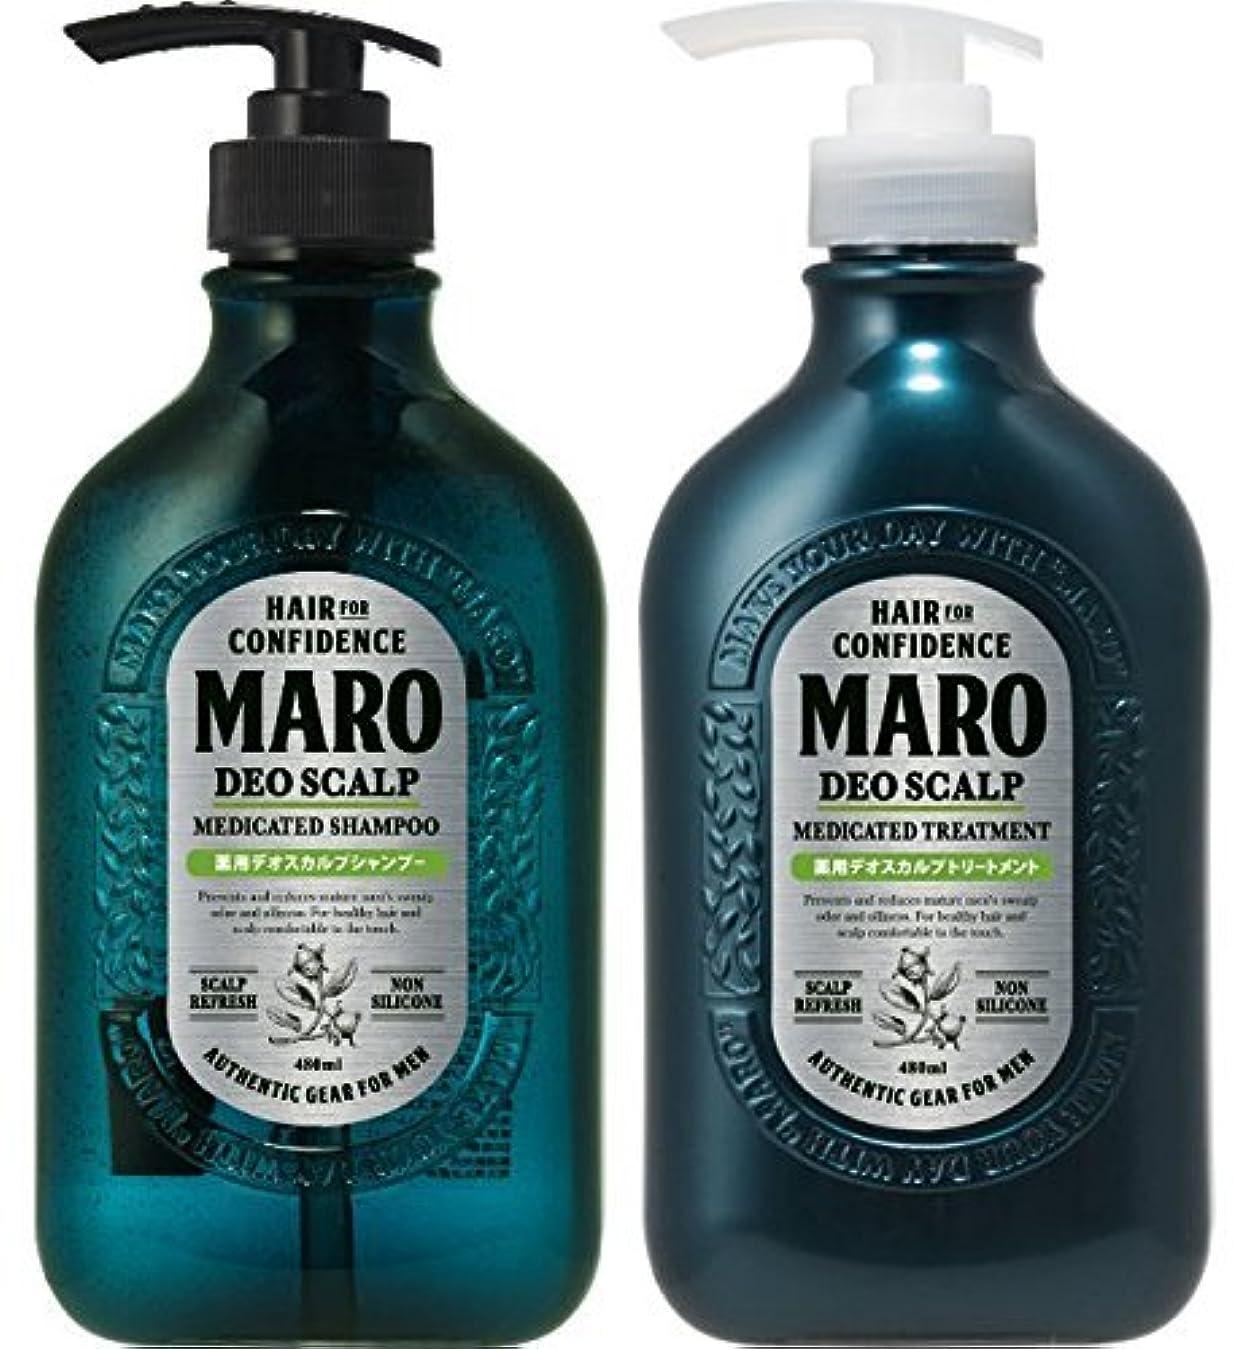 可能にするロボット浴【2本セット】MARO(マーロ) 薬用 デオスカルプ シャンプー 480ml トリートメント 480ml 本体セット